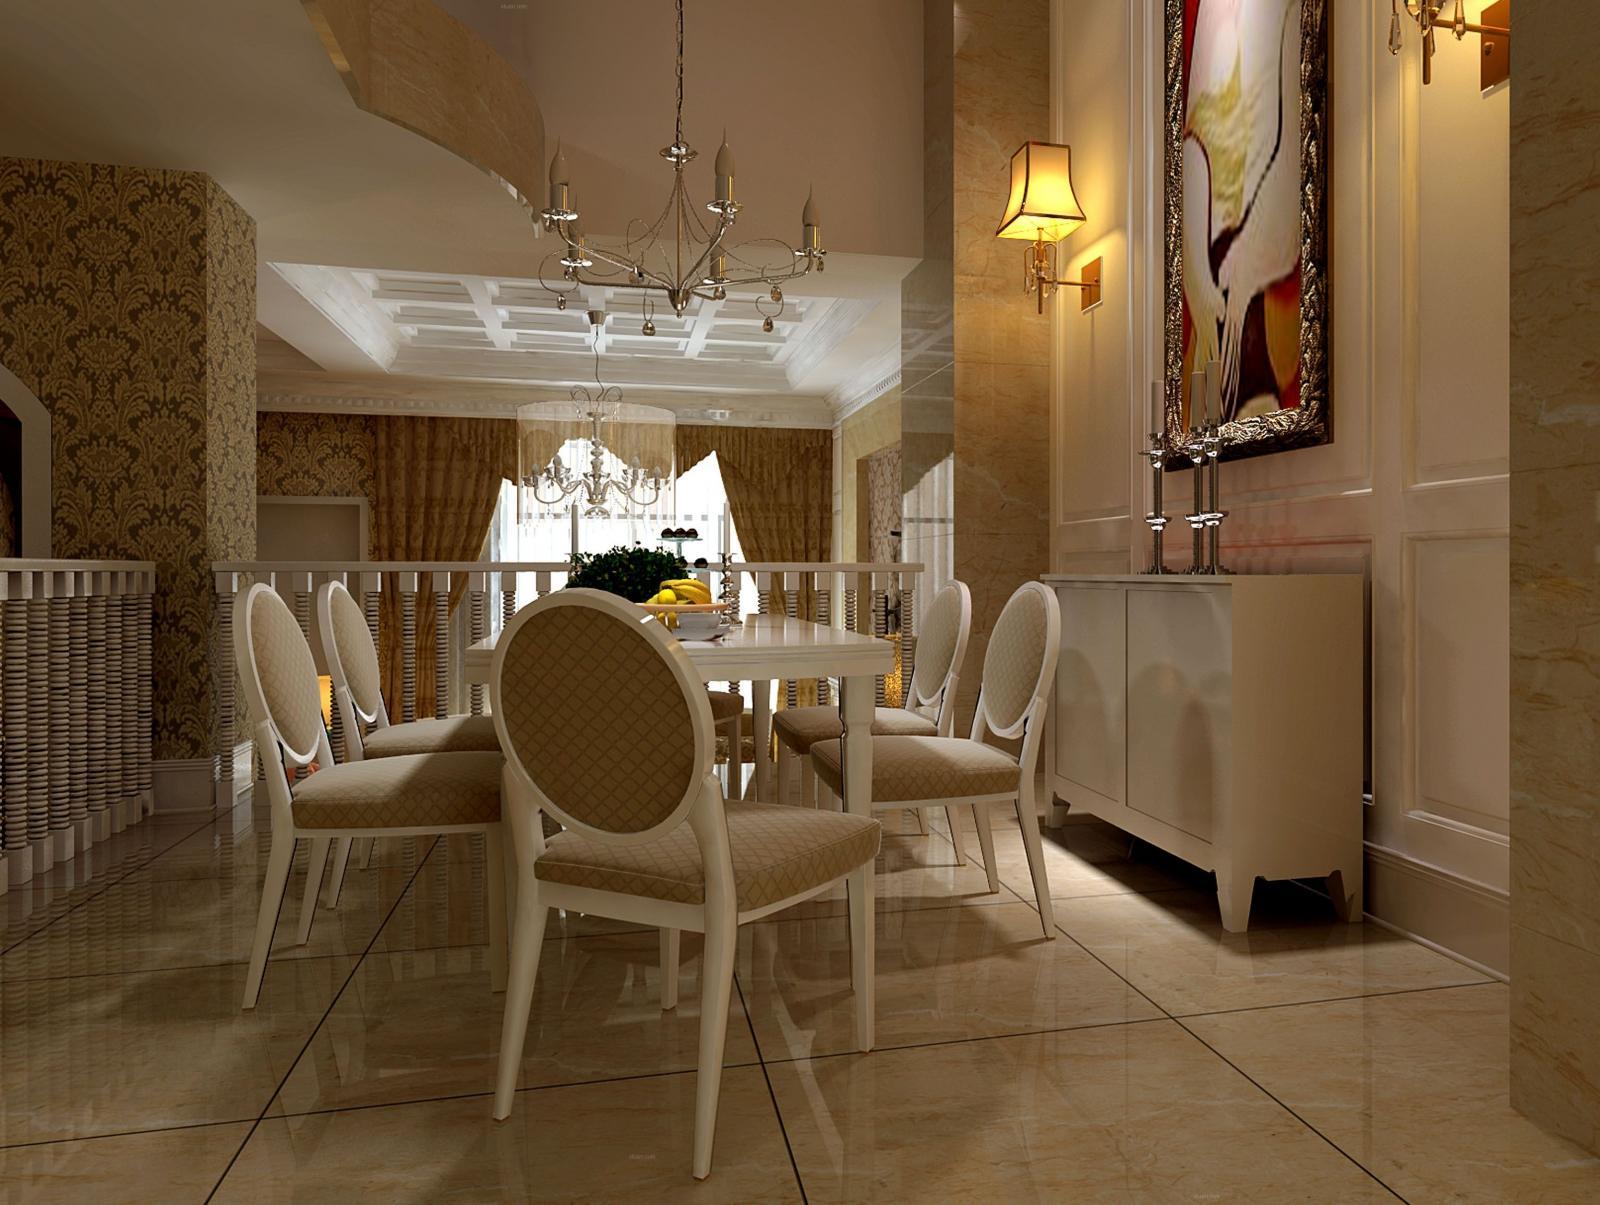 别墅简欧风格餐厅_金色威尼斯装修效果图-x团装修网